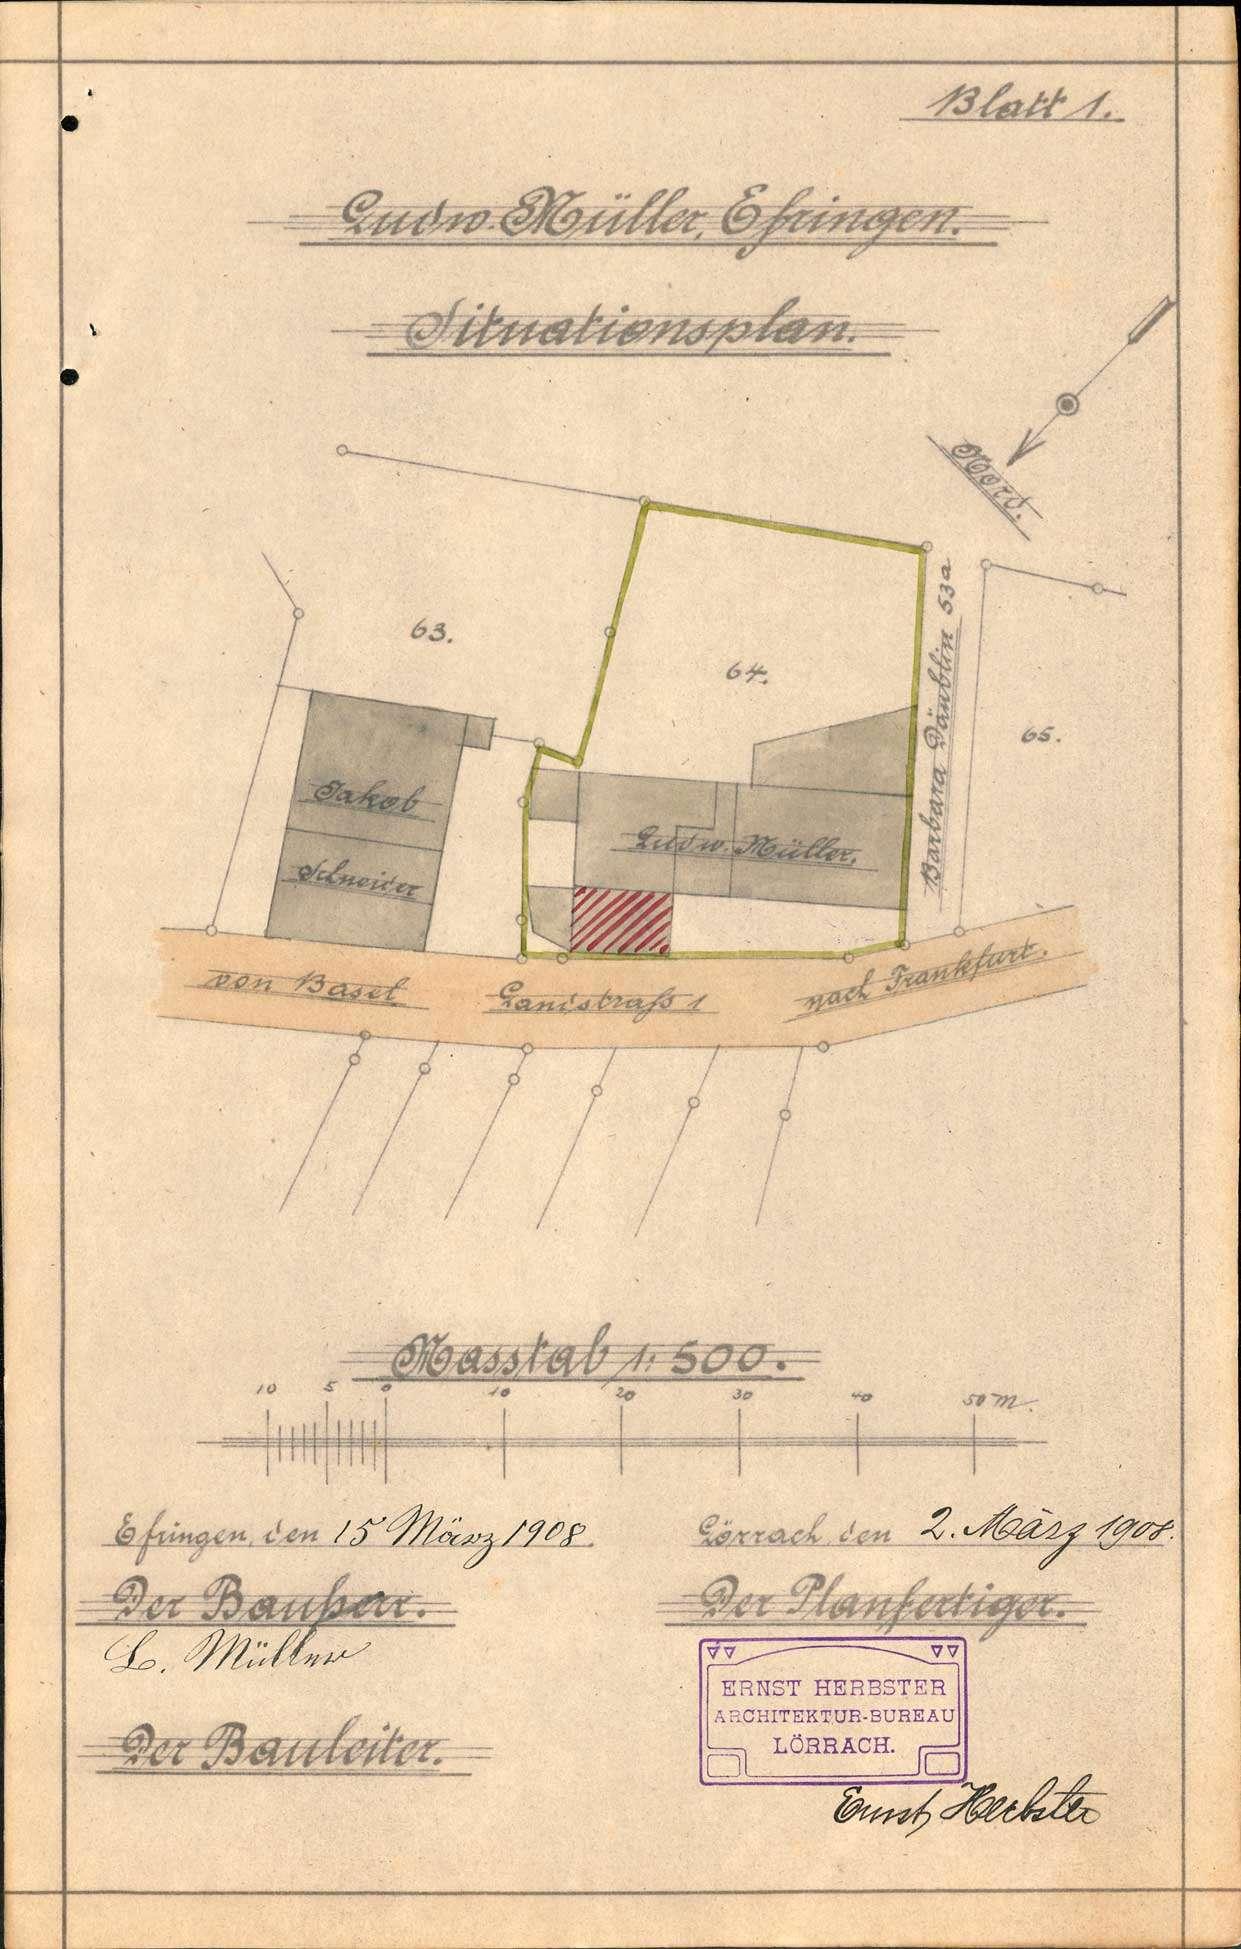 Antrag des Ludwig Müller auf Genehmigung zum Bau einer Wohnung über dem Waschraum seines Hauses in Efringen, Bild 1